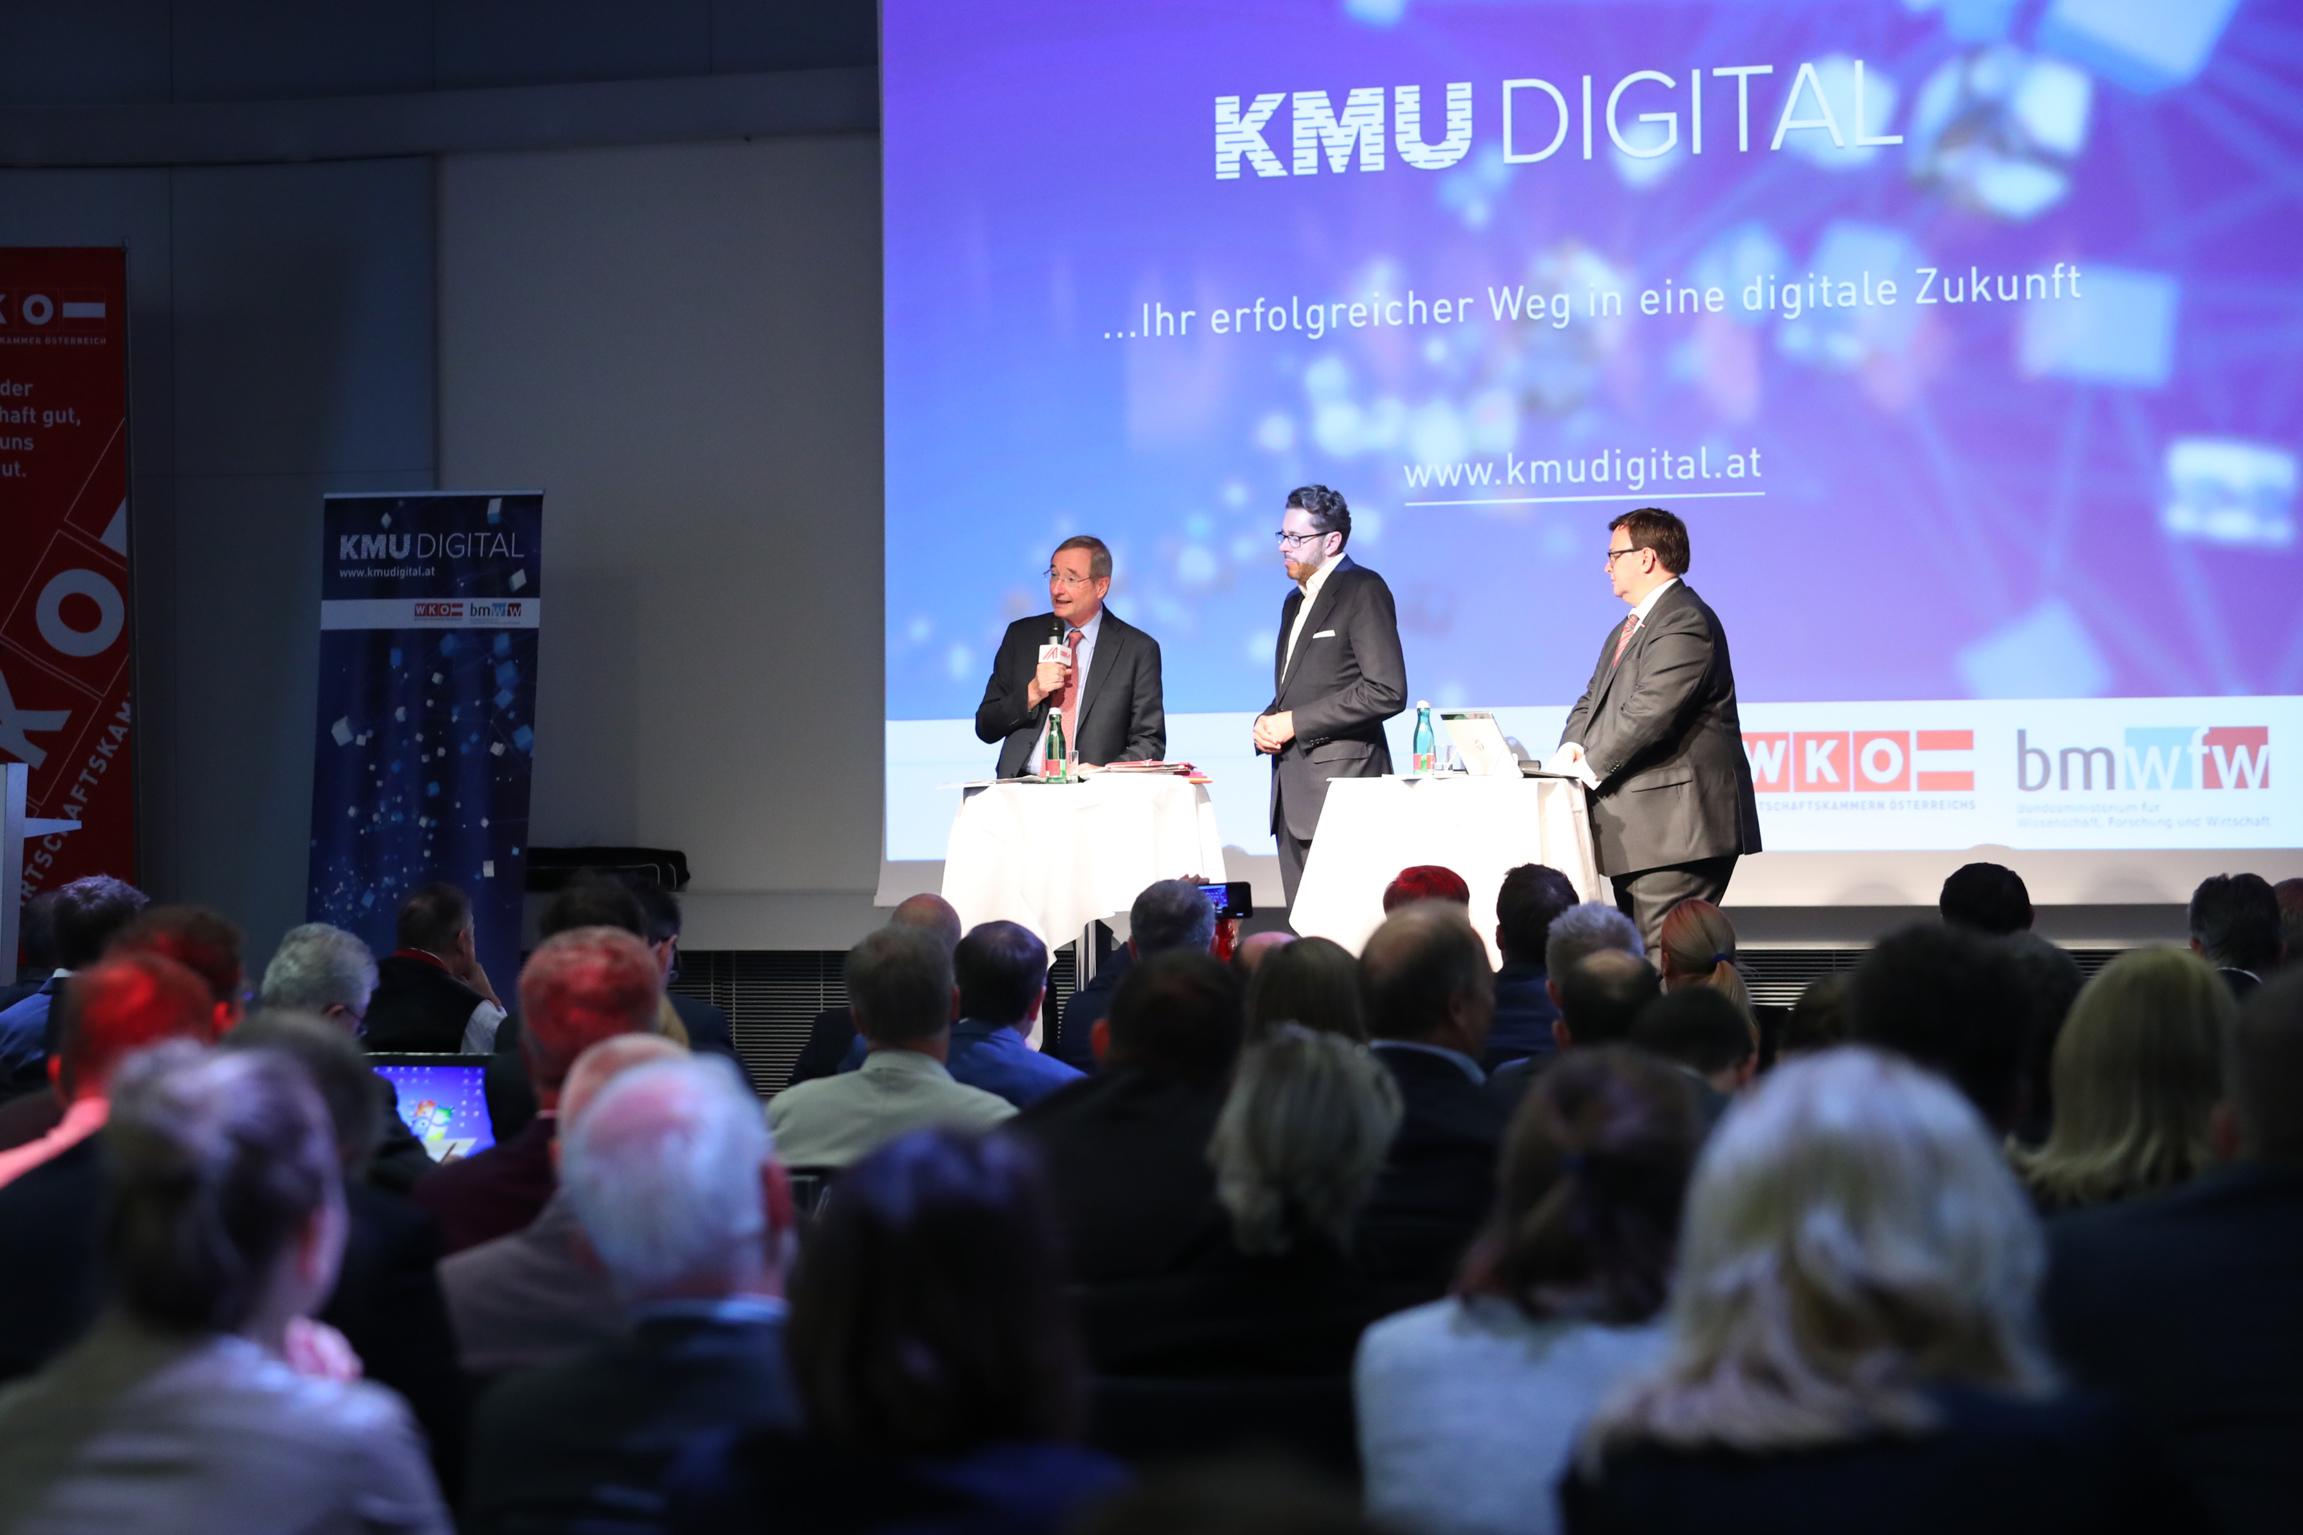 Bühne während der Präsentation von KMU DIGITAL